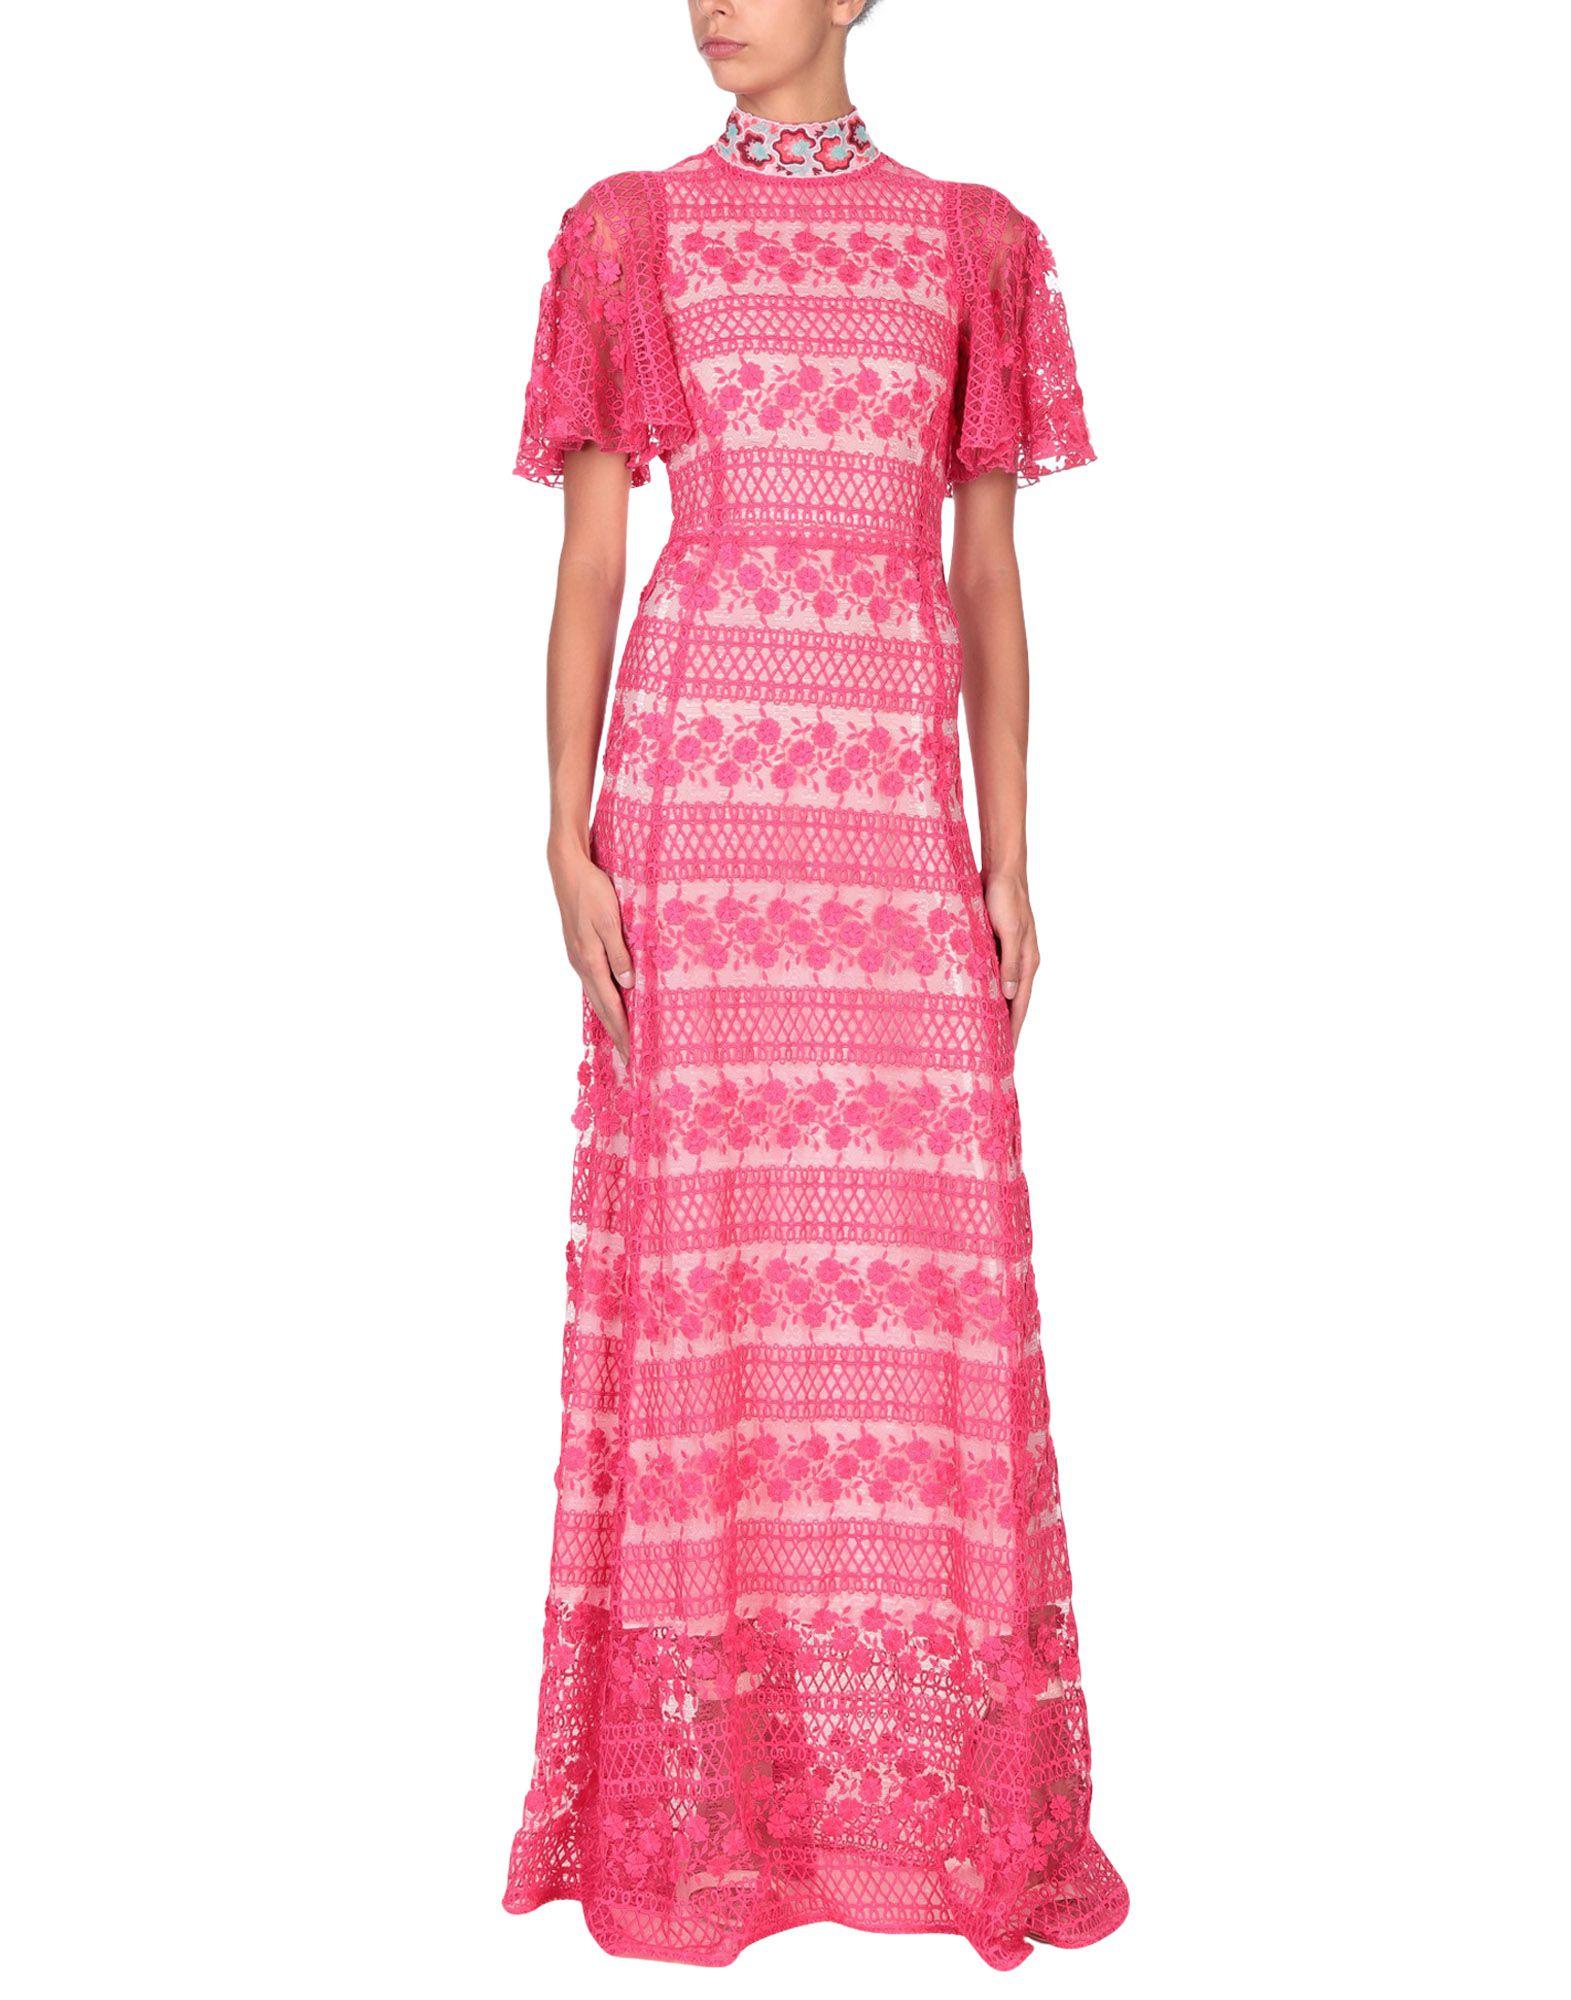 GIAMBA Длинное платье обрезка буквенных патчей многоцветная вышивка кружева аппликация diy аксессуар